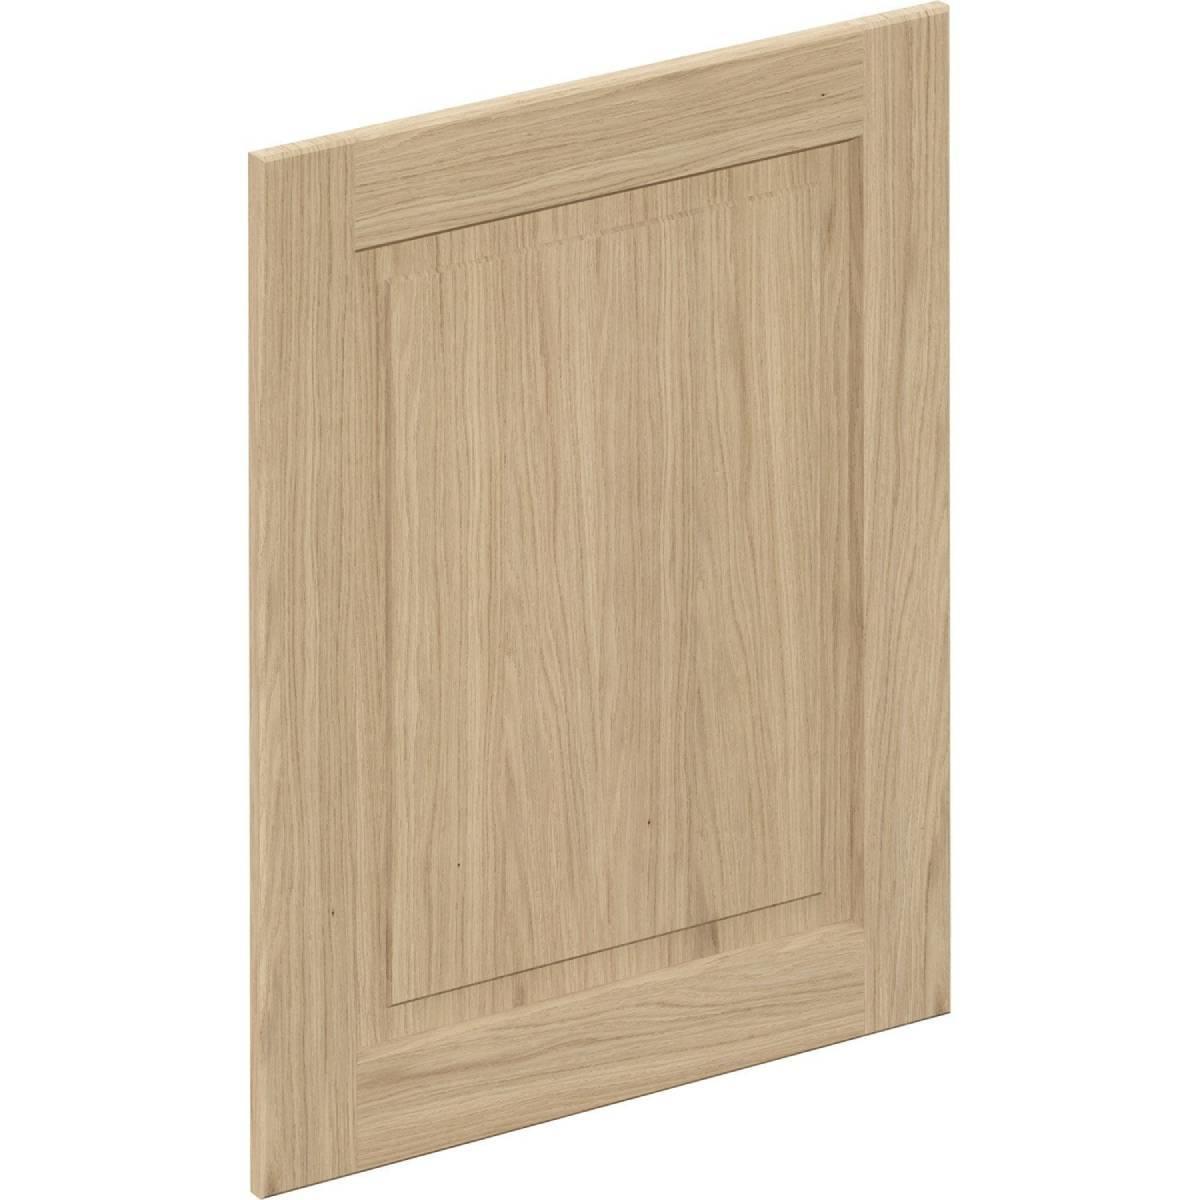 Porta dell'armadio da cucina DELINIA ID Praga 59.7 x 76.5 rovere chiaro - 9